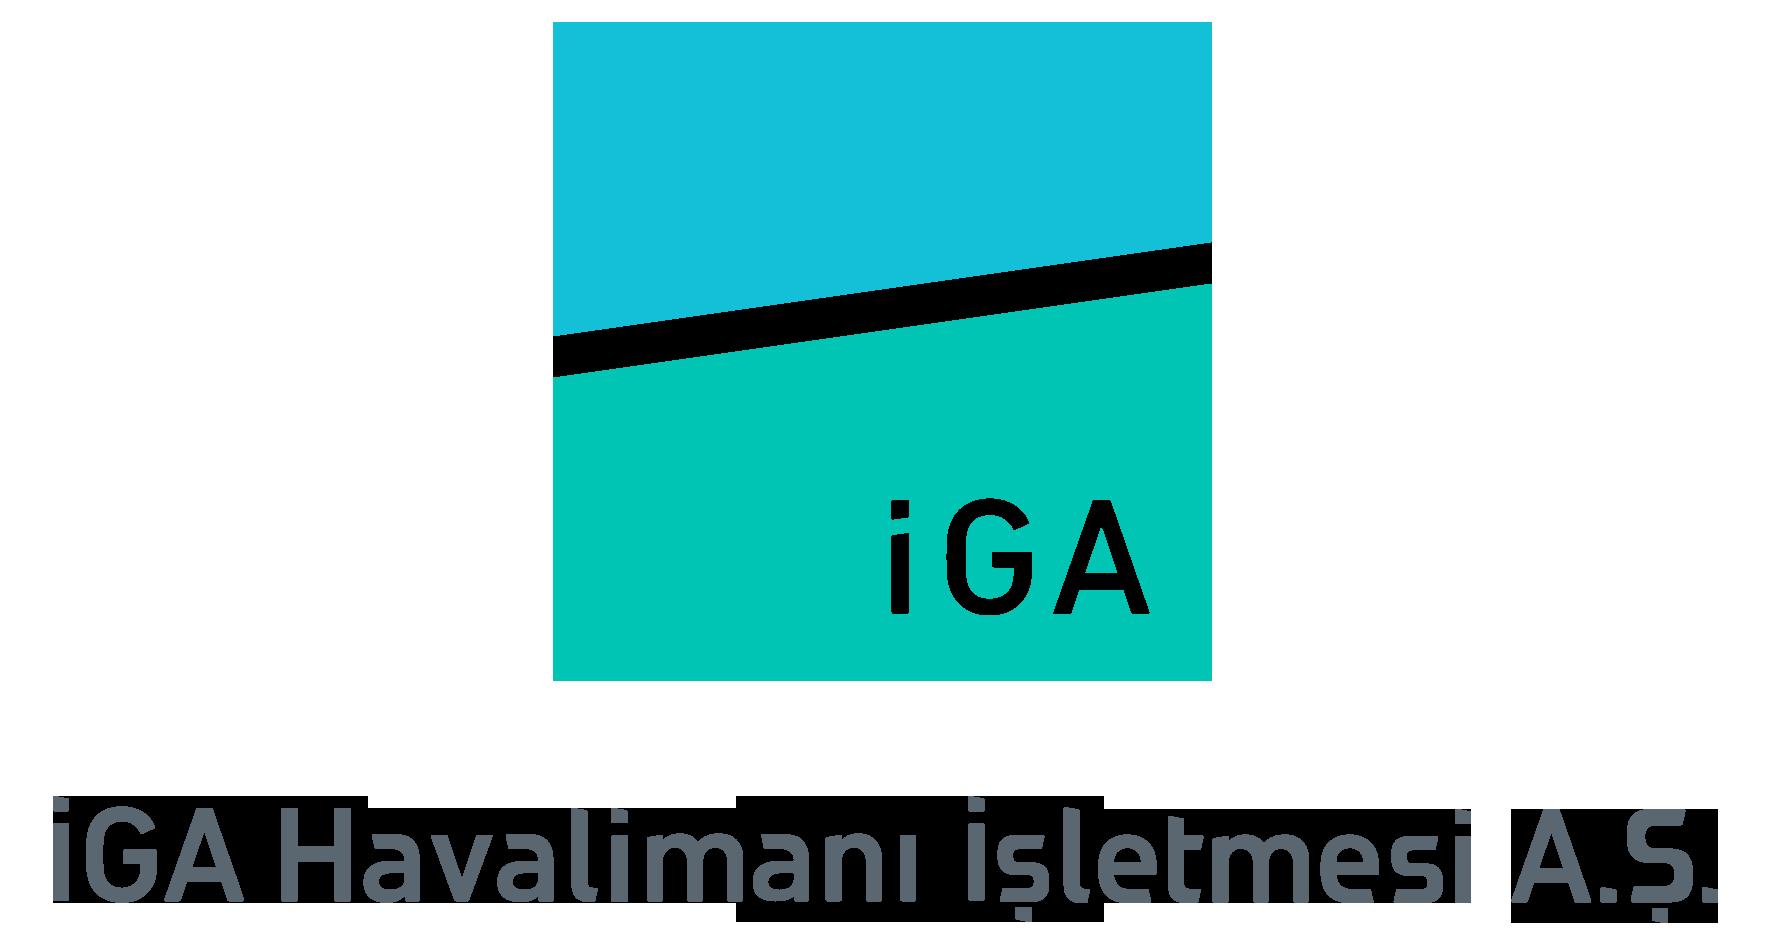 IGA_Logotype png